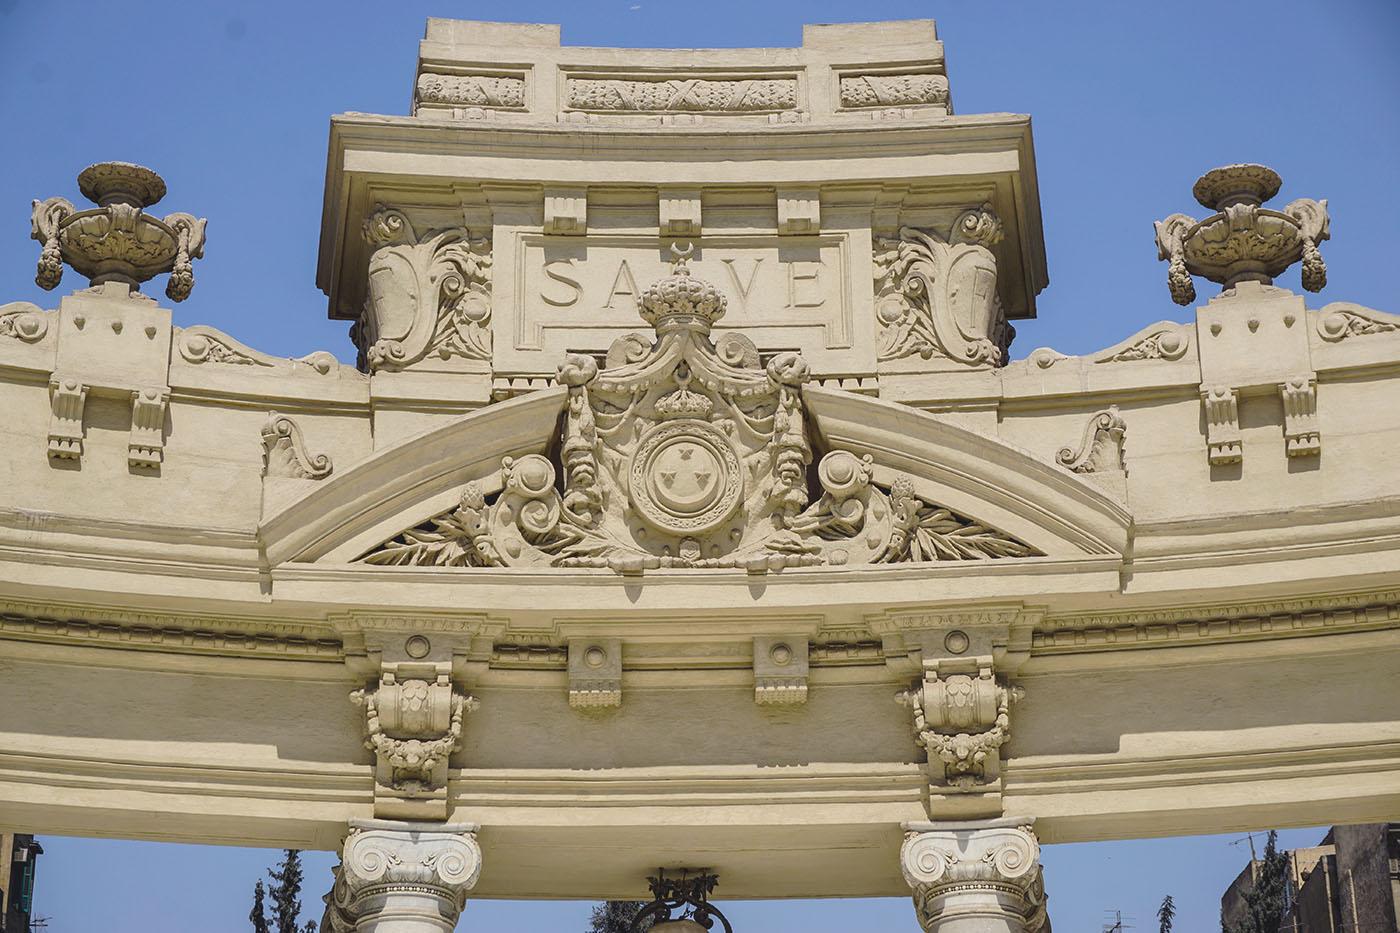 أشكال زخرفية معقدة تزين أحد زوايا كشك الشاى بحديقة قصر عابدين - تصوير - ميشيل حنا